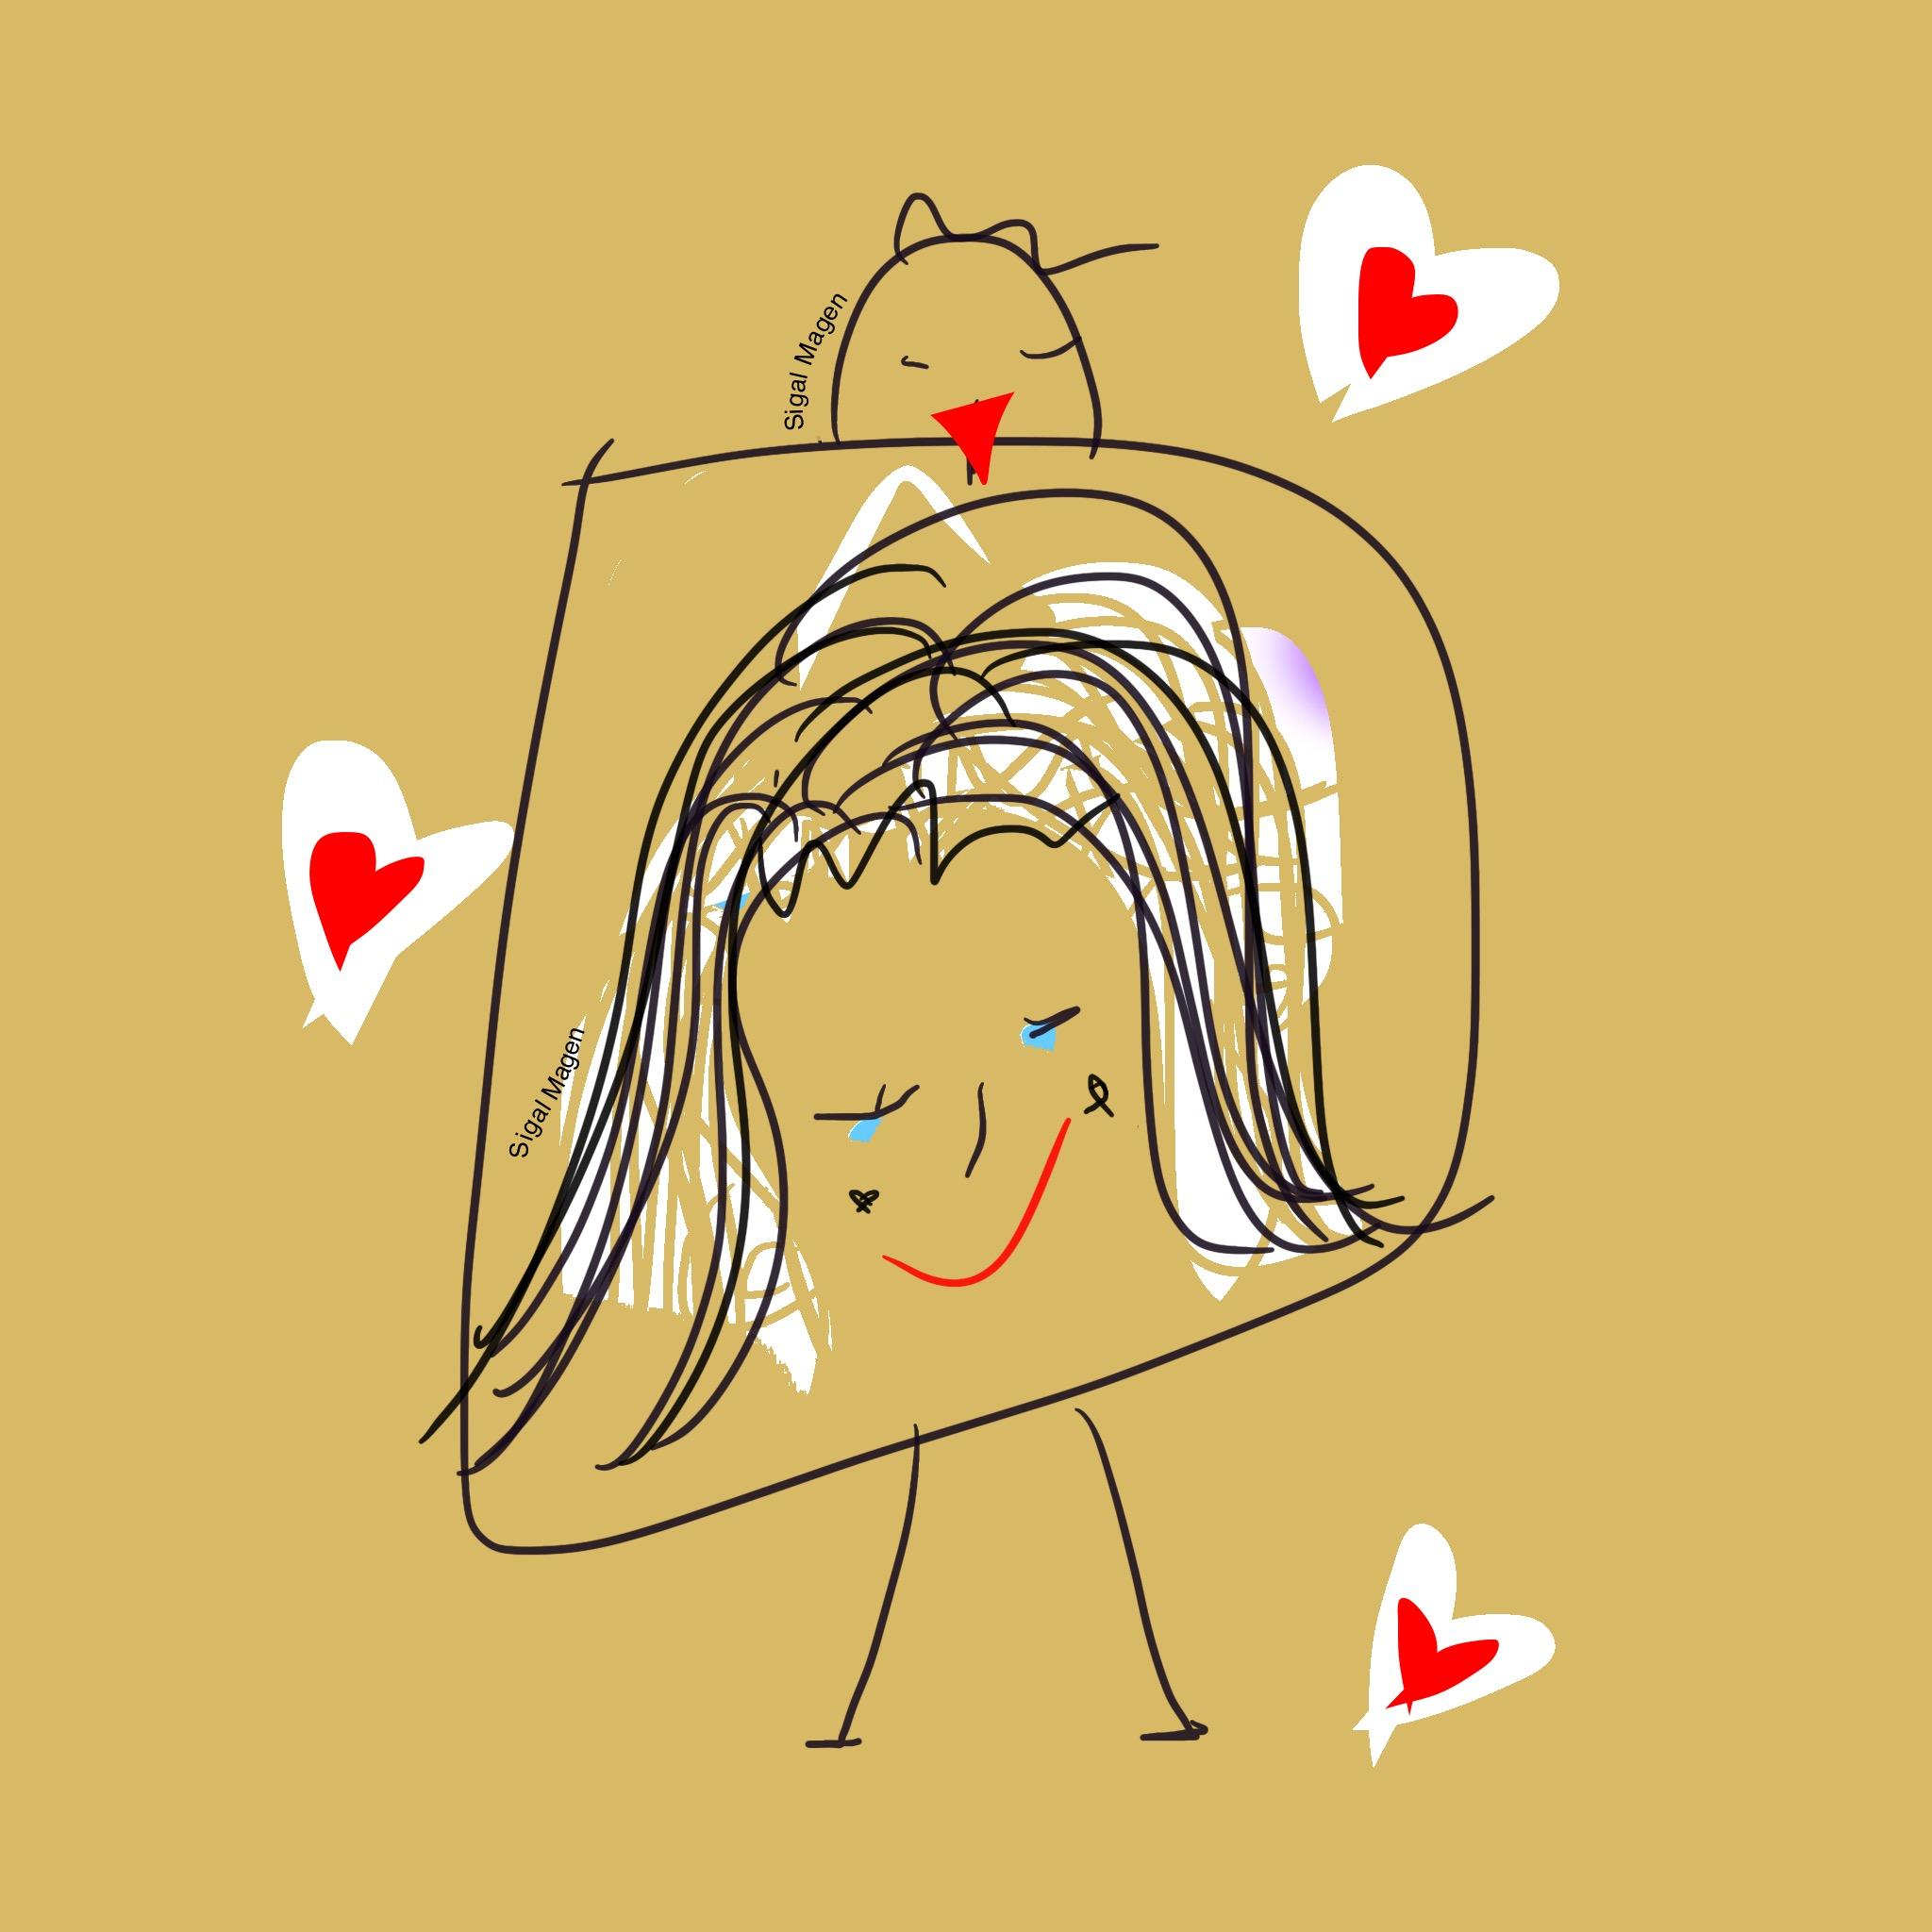 יֹפִי שֶׁל צִיּוּר by Sigal Magen - Illustrated by סיגל מגן - Ourboox.com